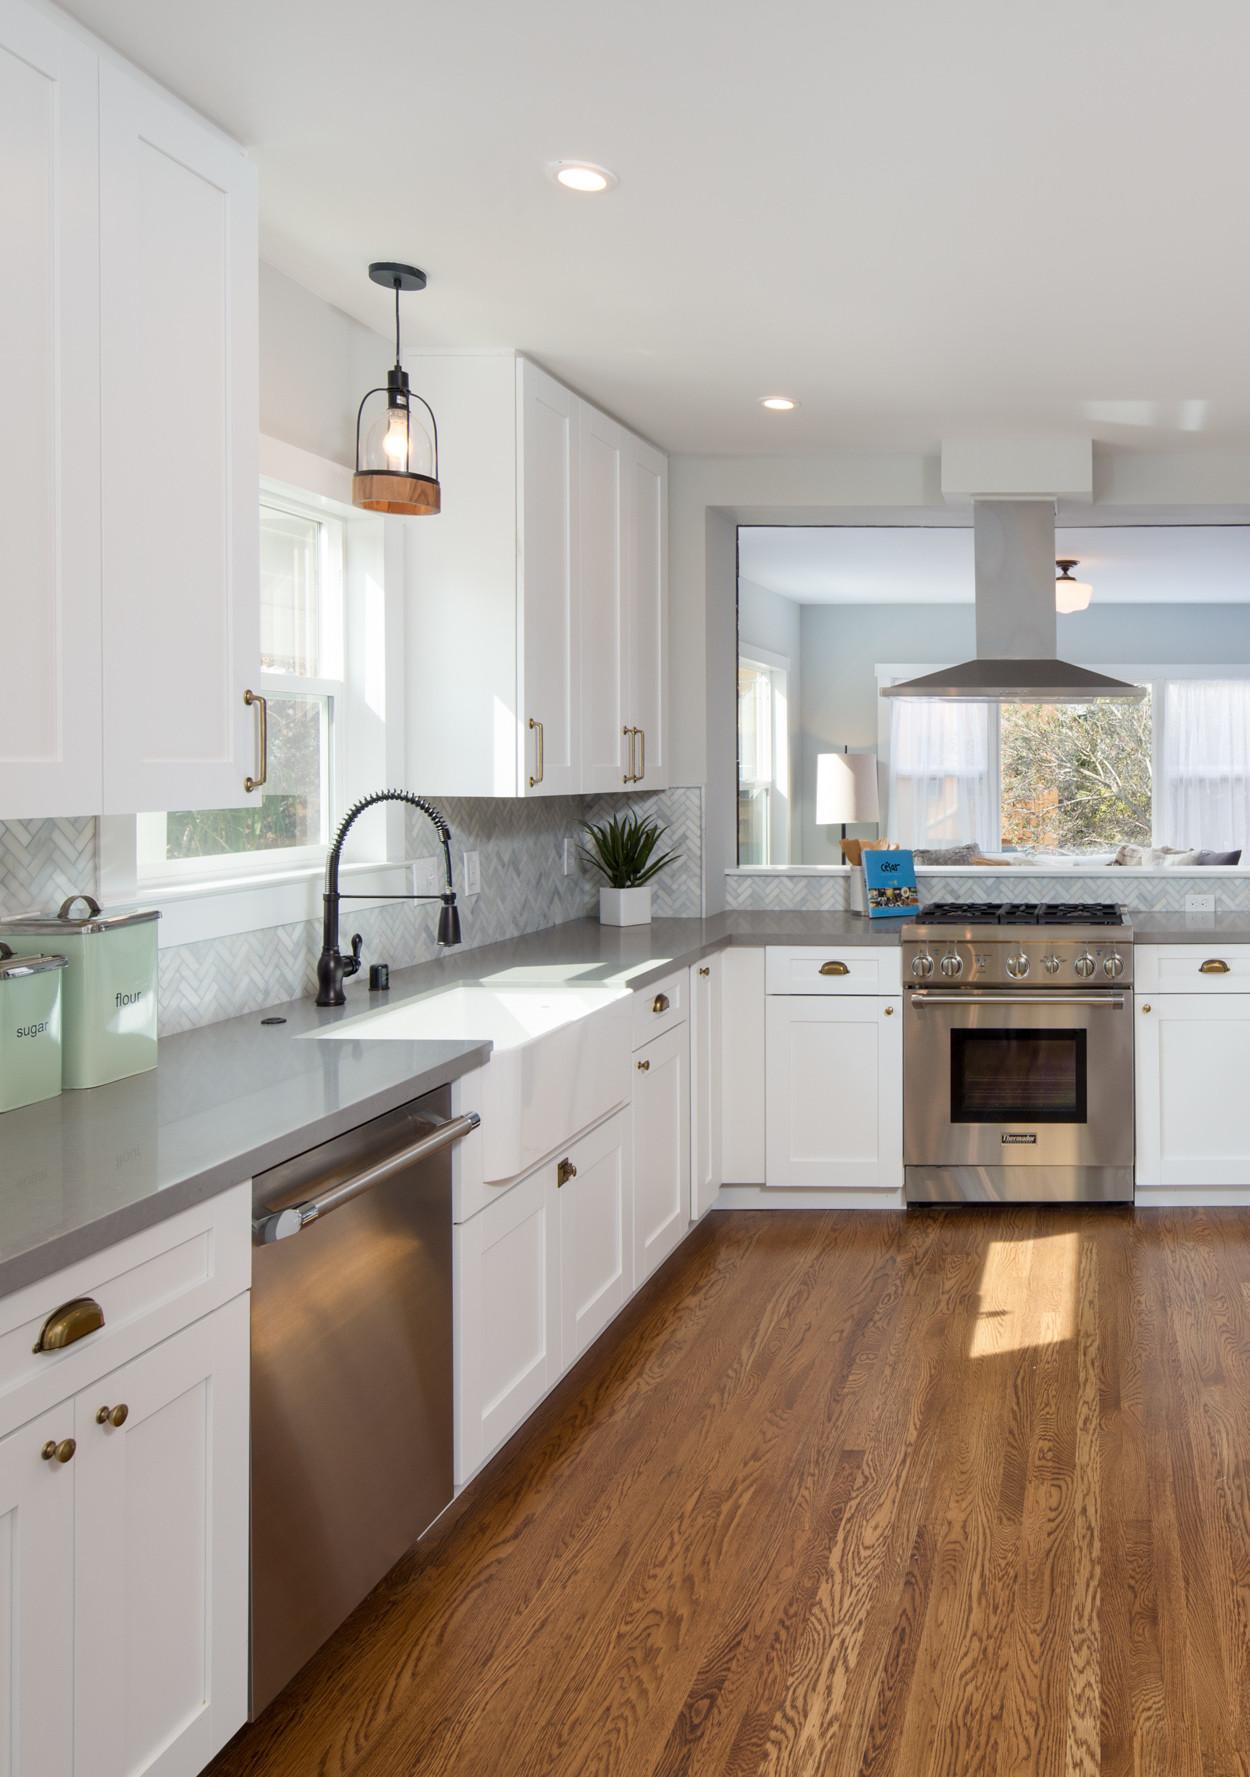 Farmhouse-Inspired White Kitchen Ideas | Martha Stewart on Farmhouse Kitchen Ideas  id=65682